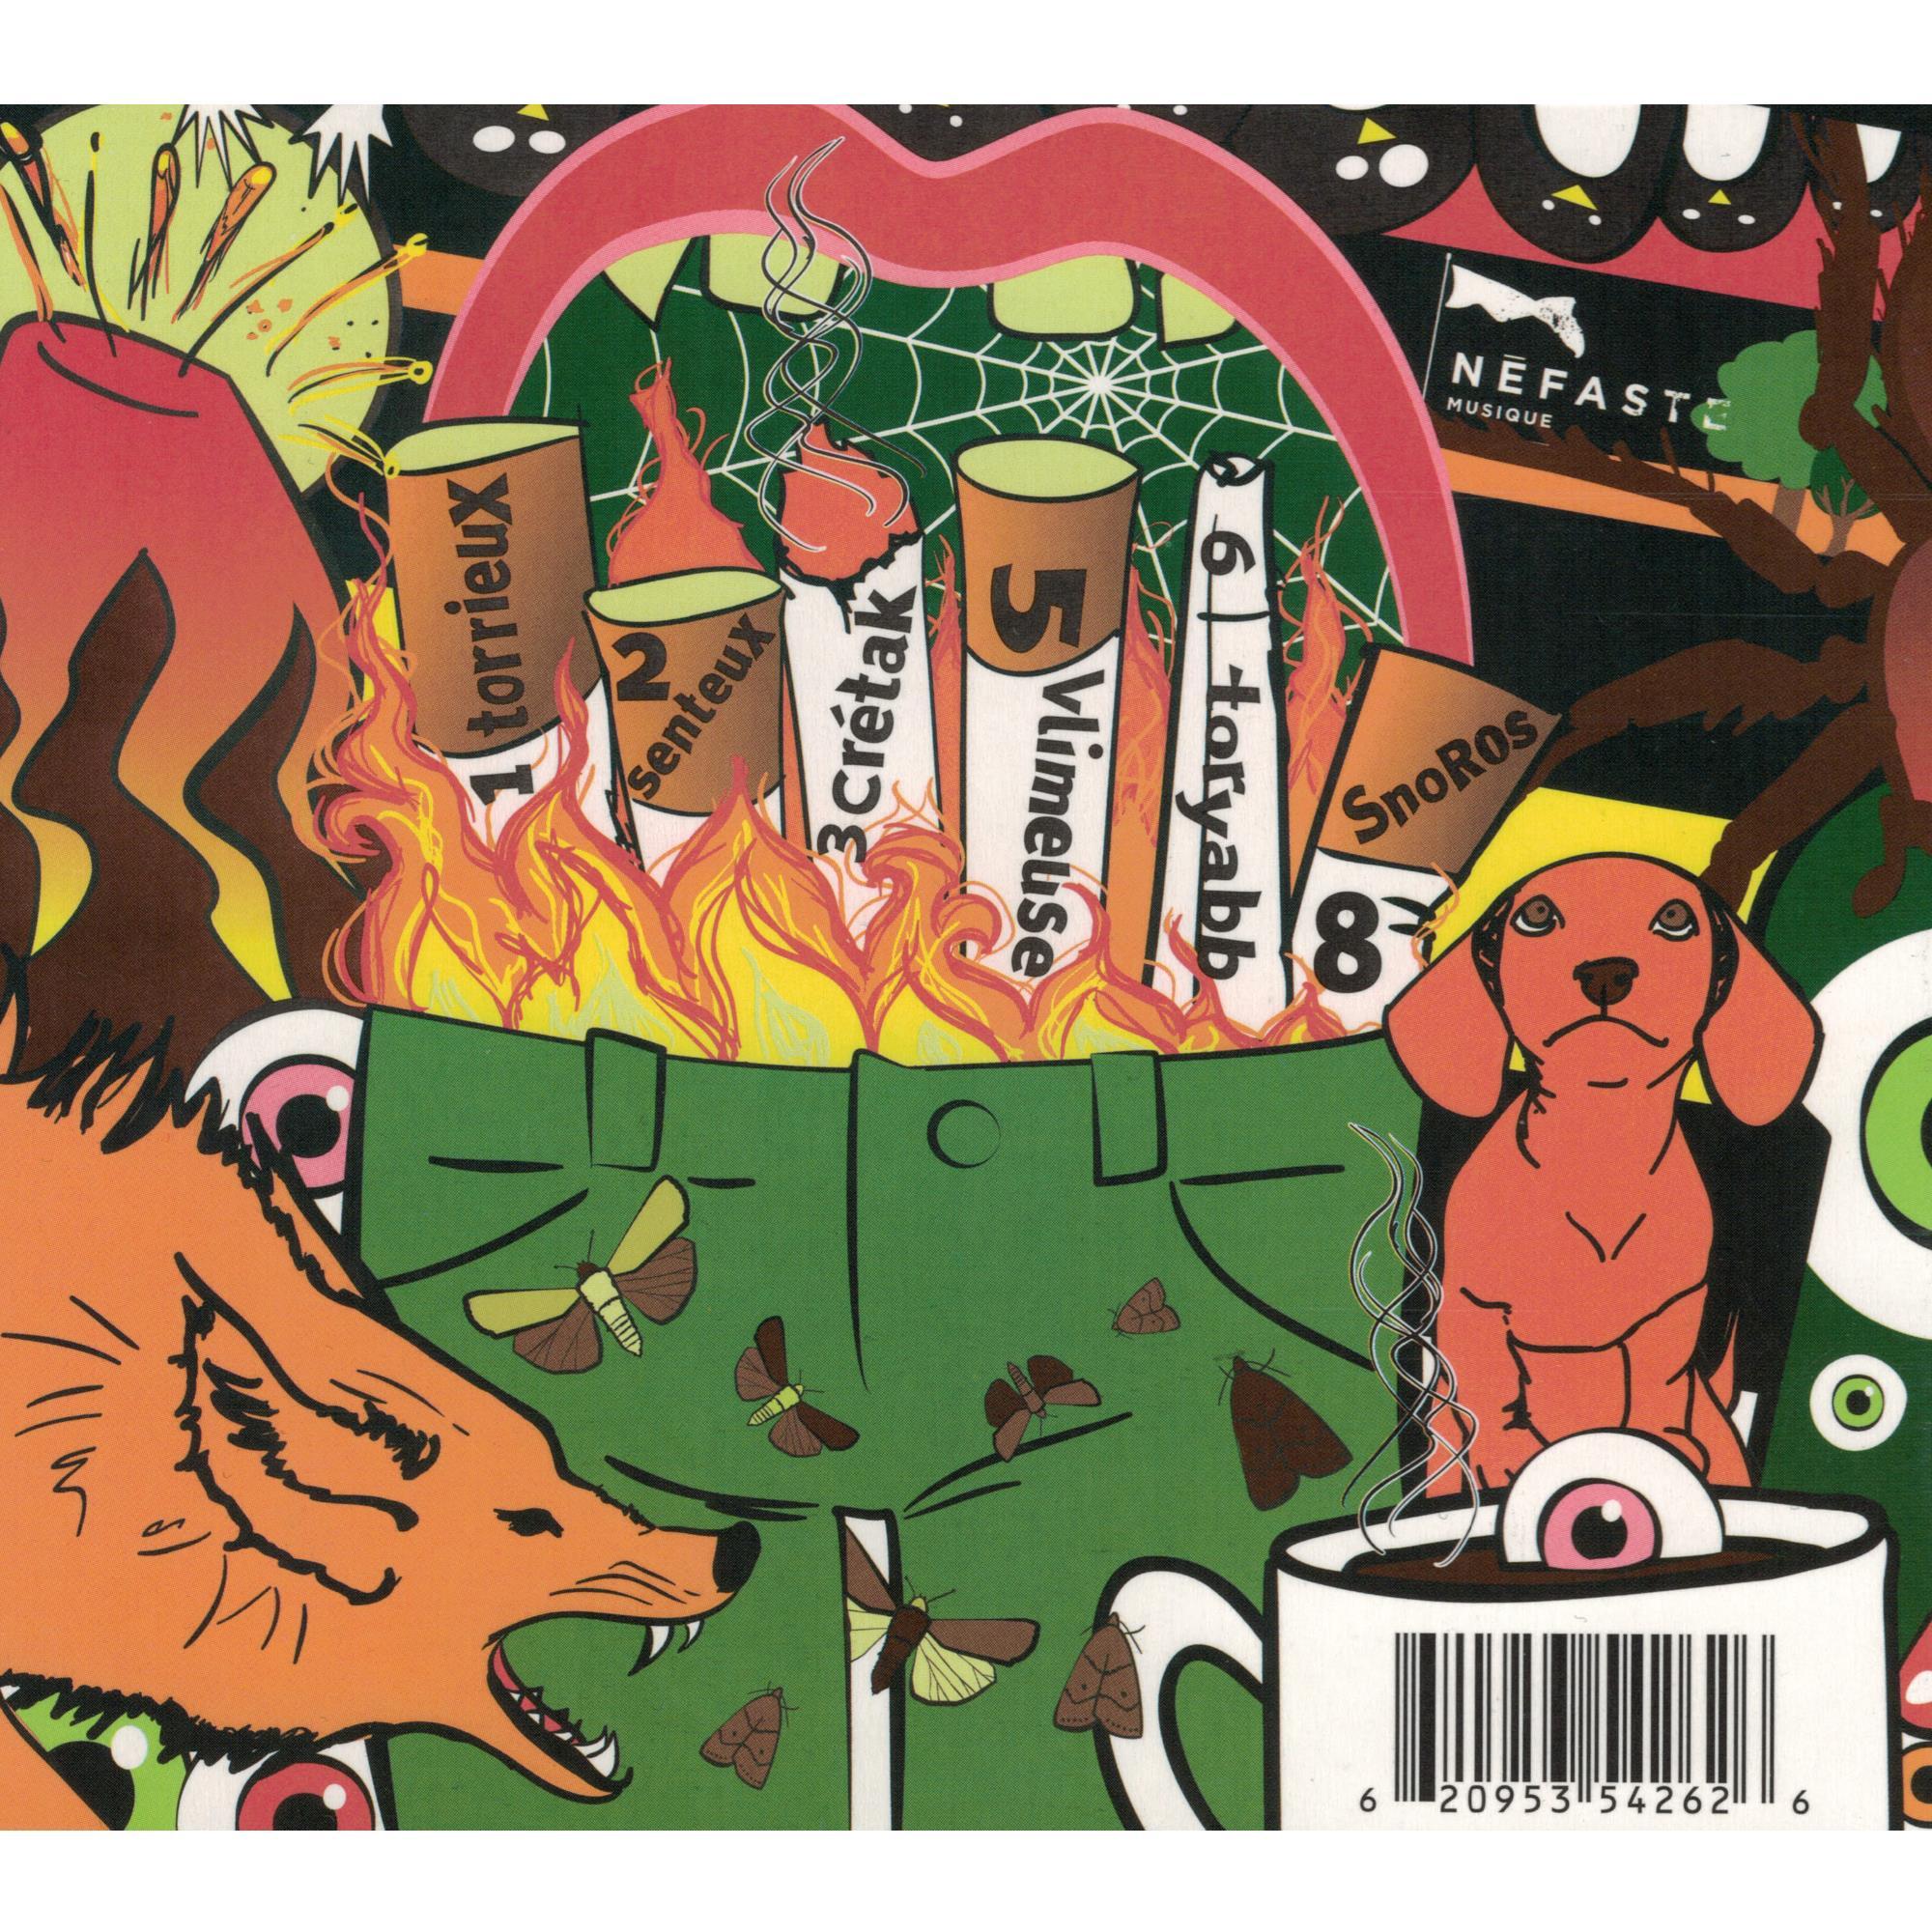 Verrats CD